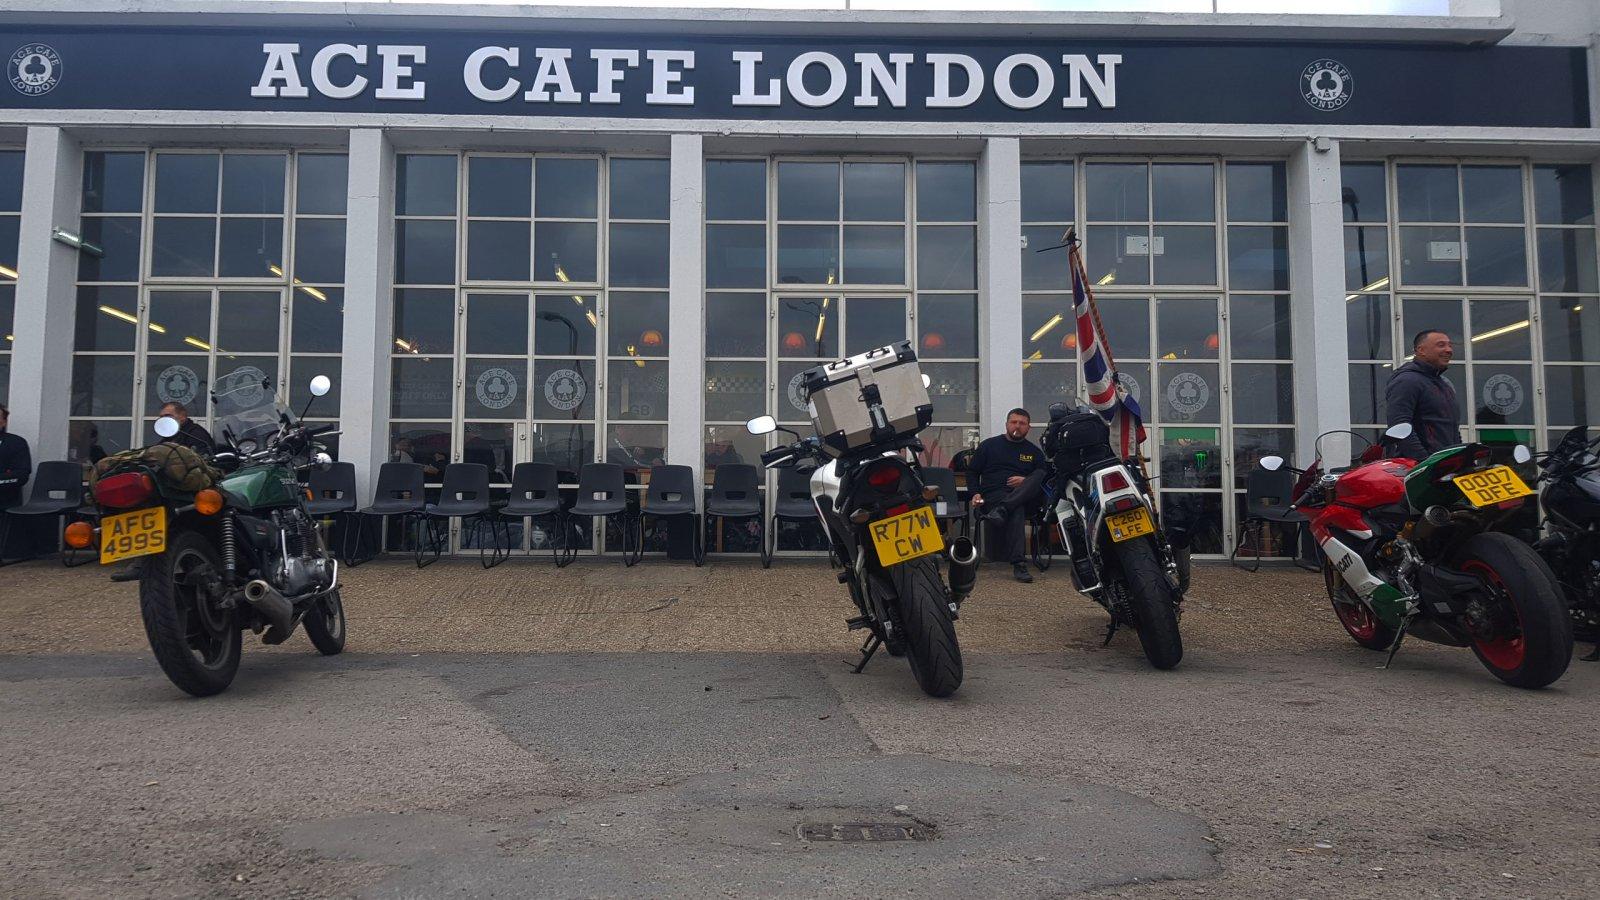 Ace Cafe.jpg